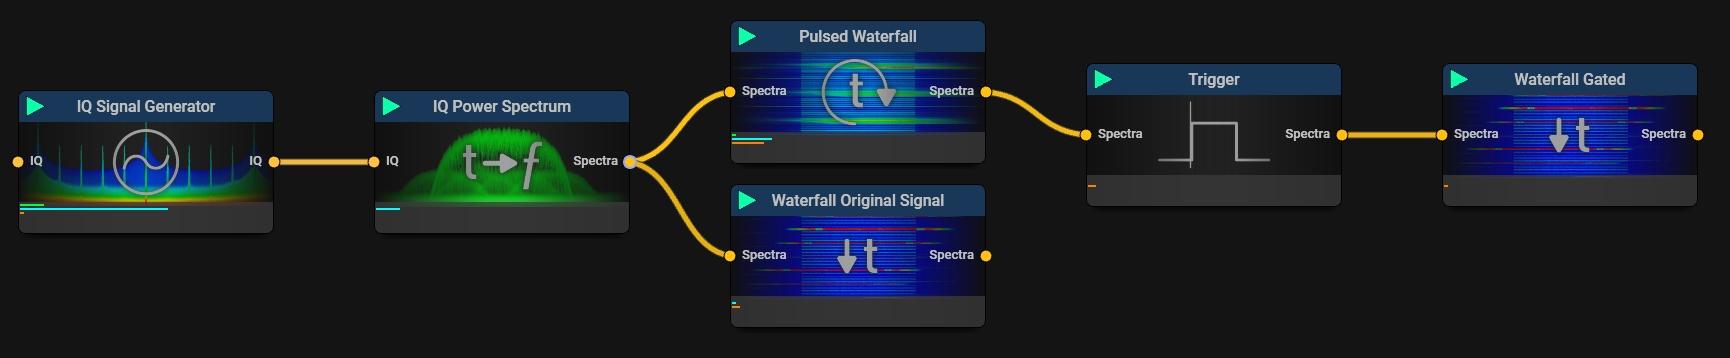 Gated Spectrum Measurement